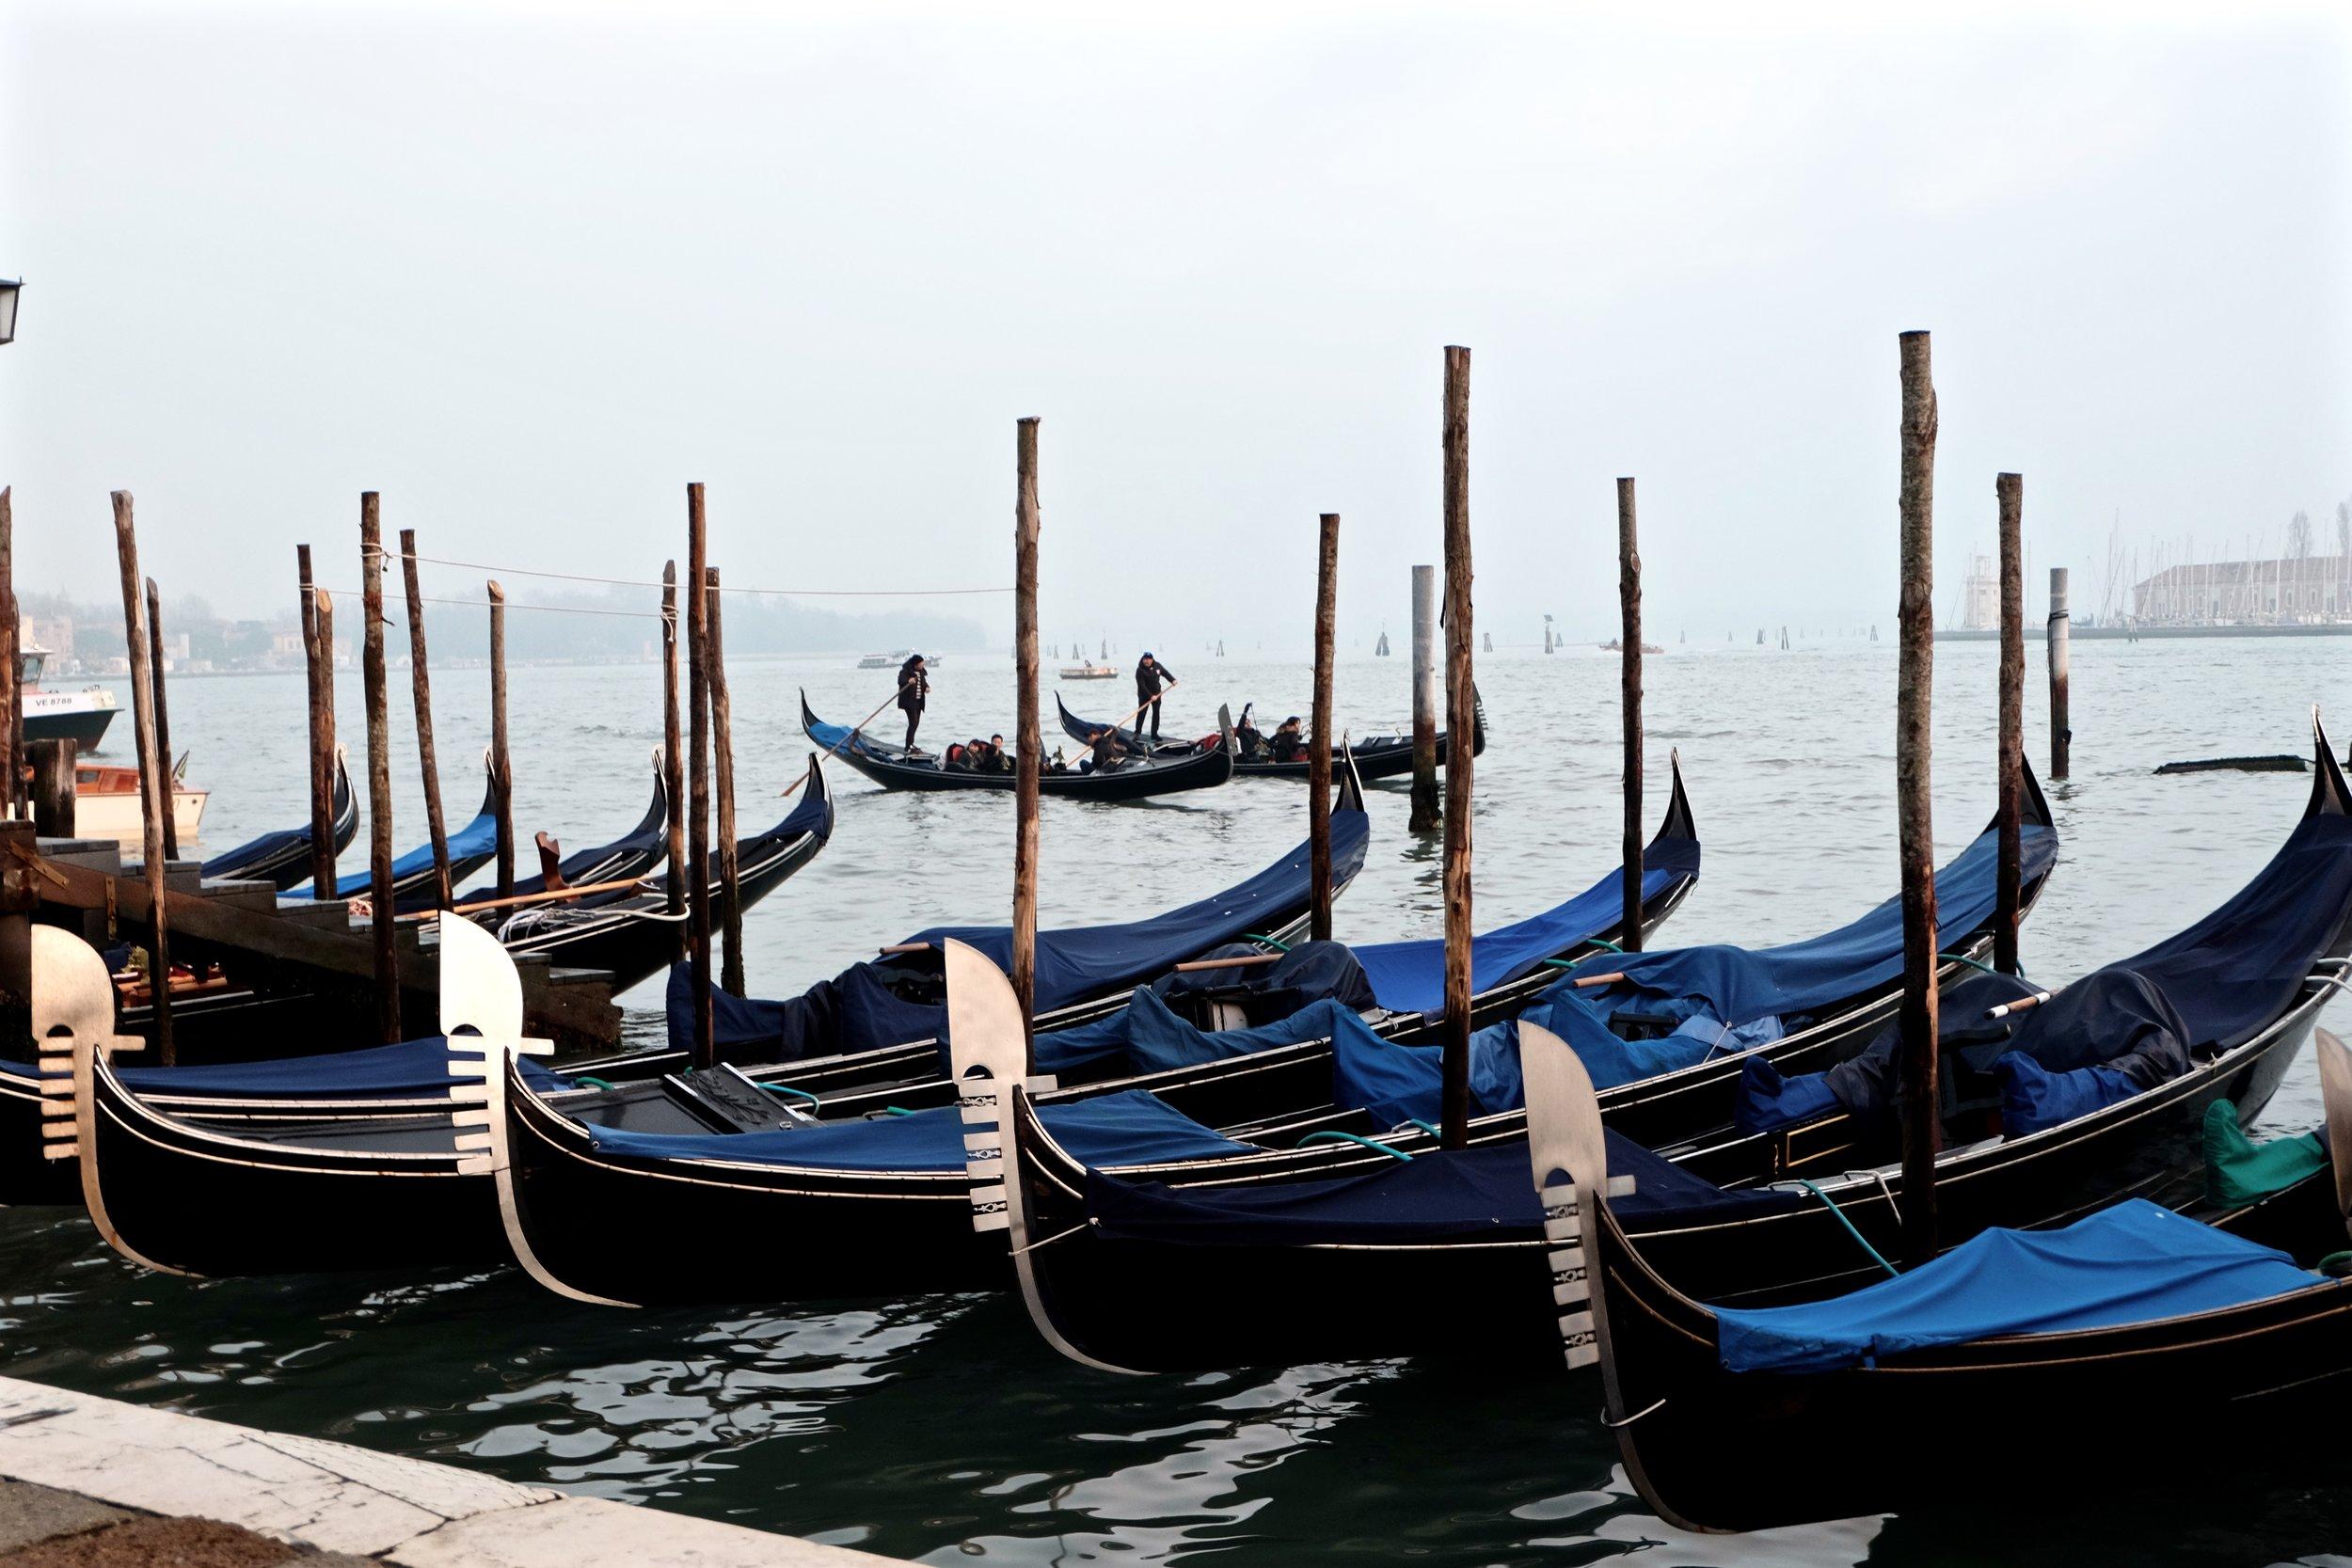 Carelle - Venice